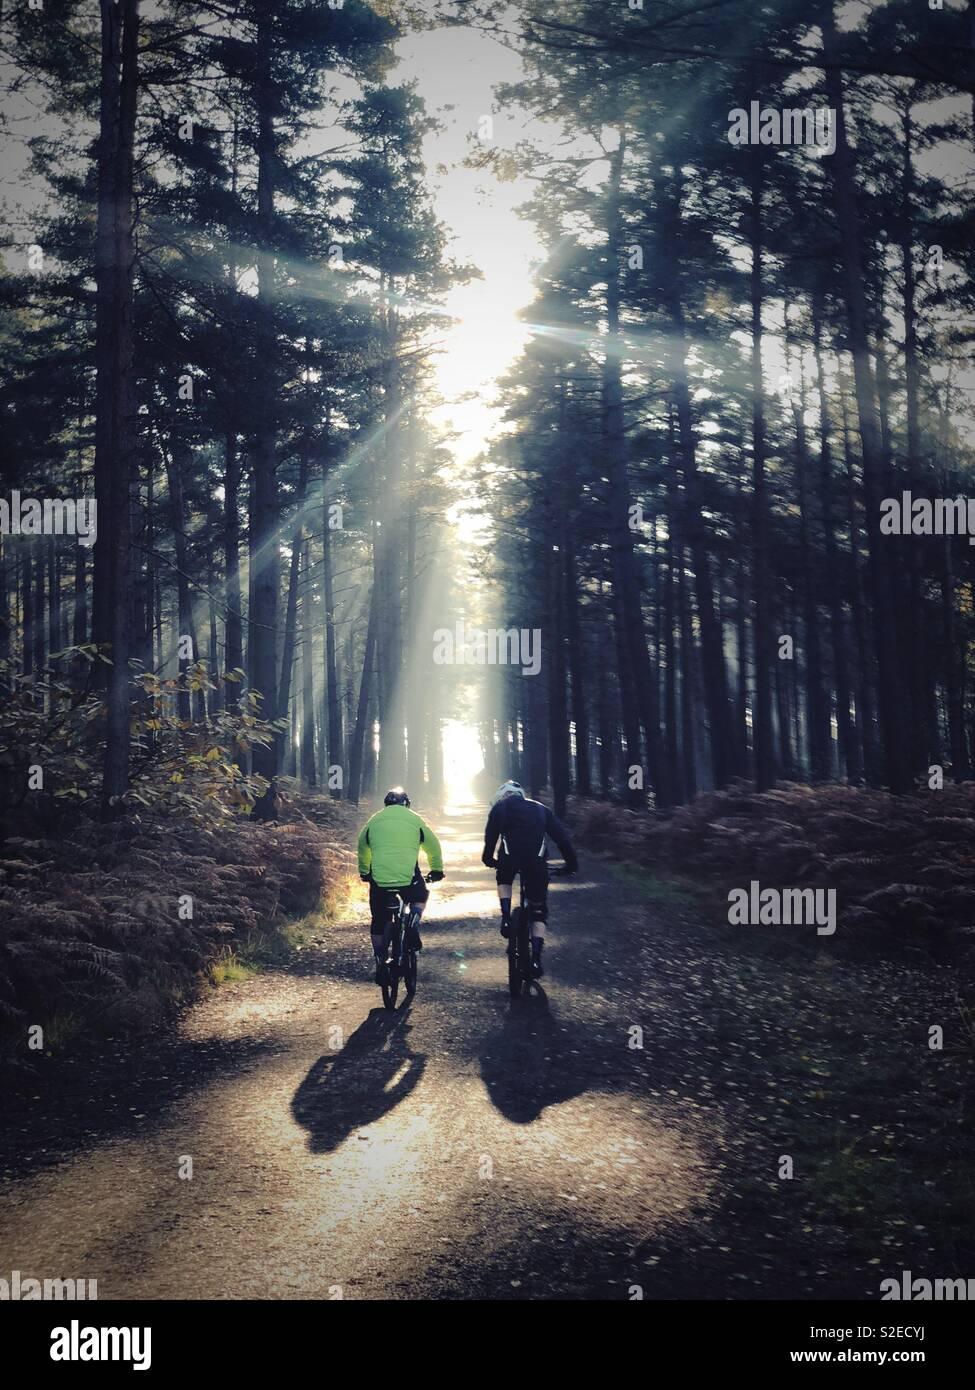 Ciclismo de montaña en el bosque de Swinley Forest, Berks, Reino Unido Imagen De Stock